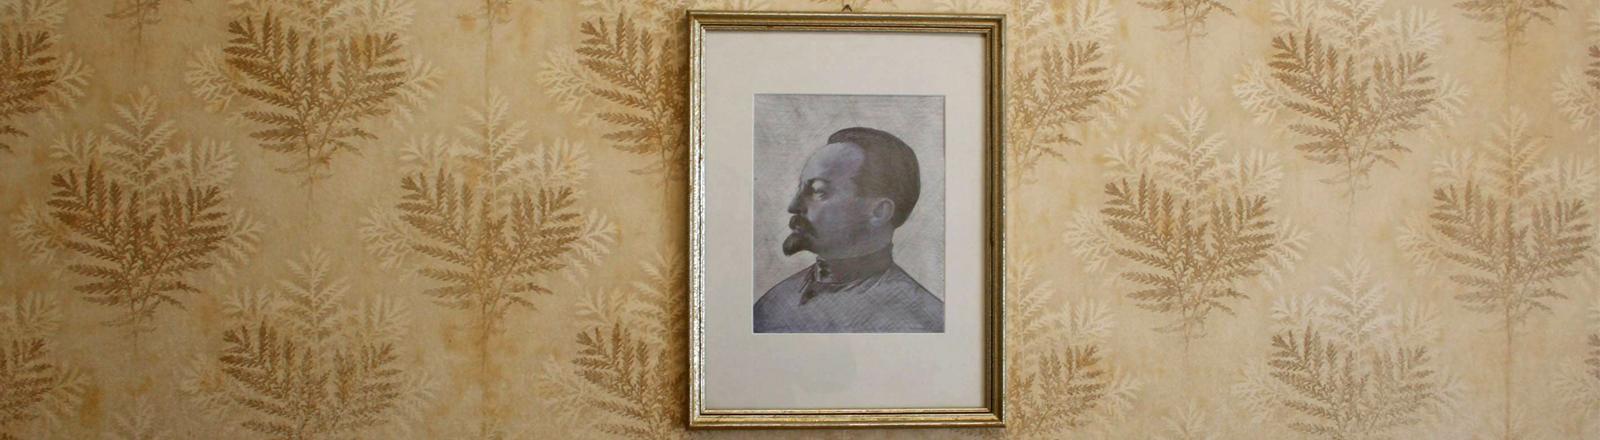 Porträt von Feliks Dzierzynski, Gründer der Tscheka, an einer alten Wand